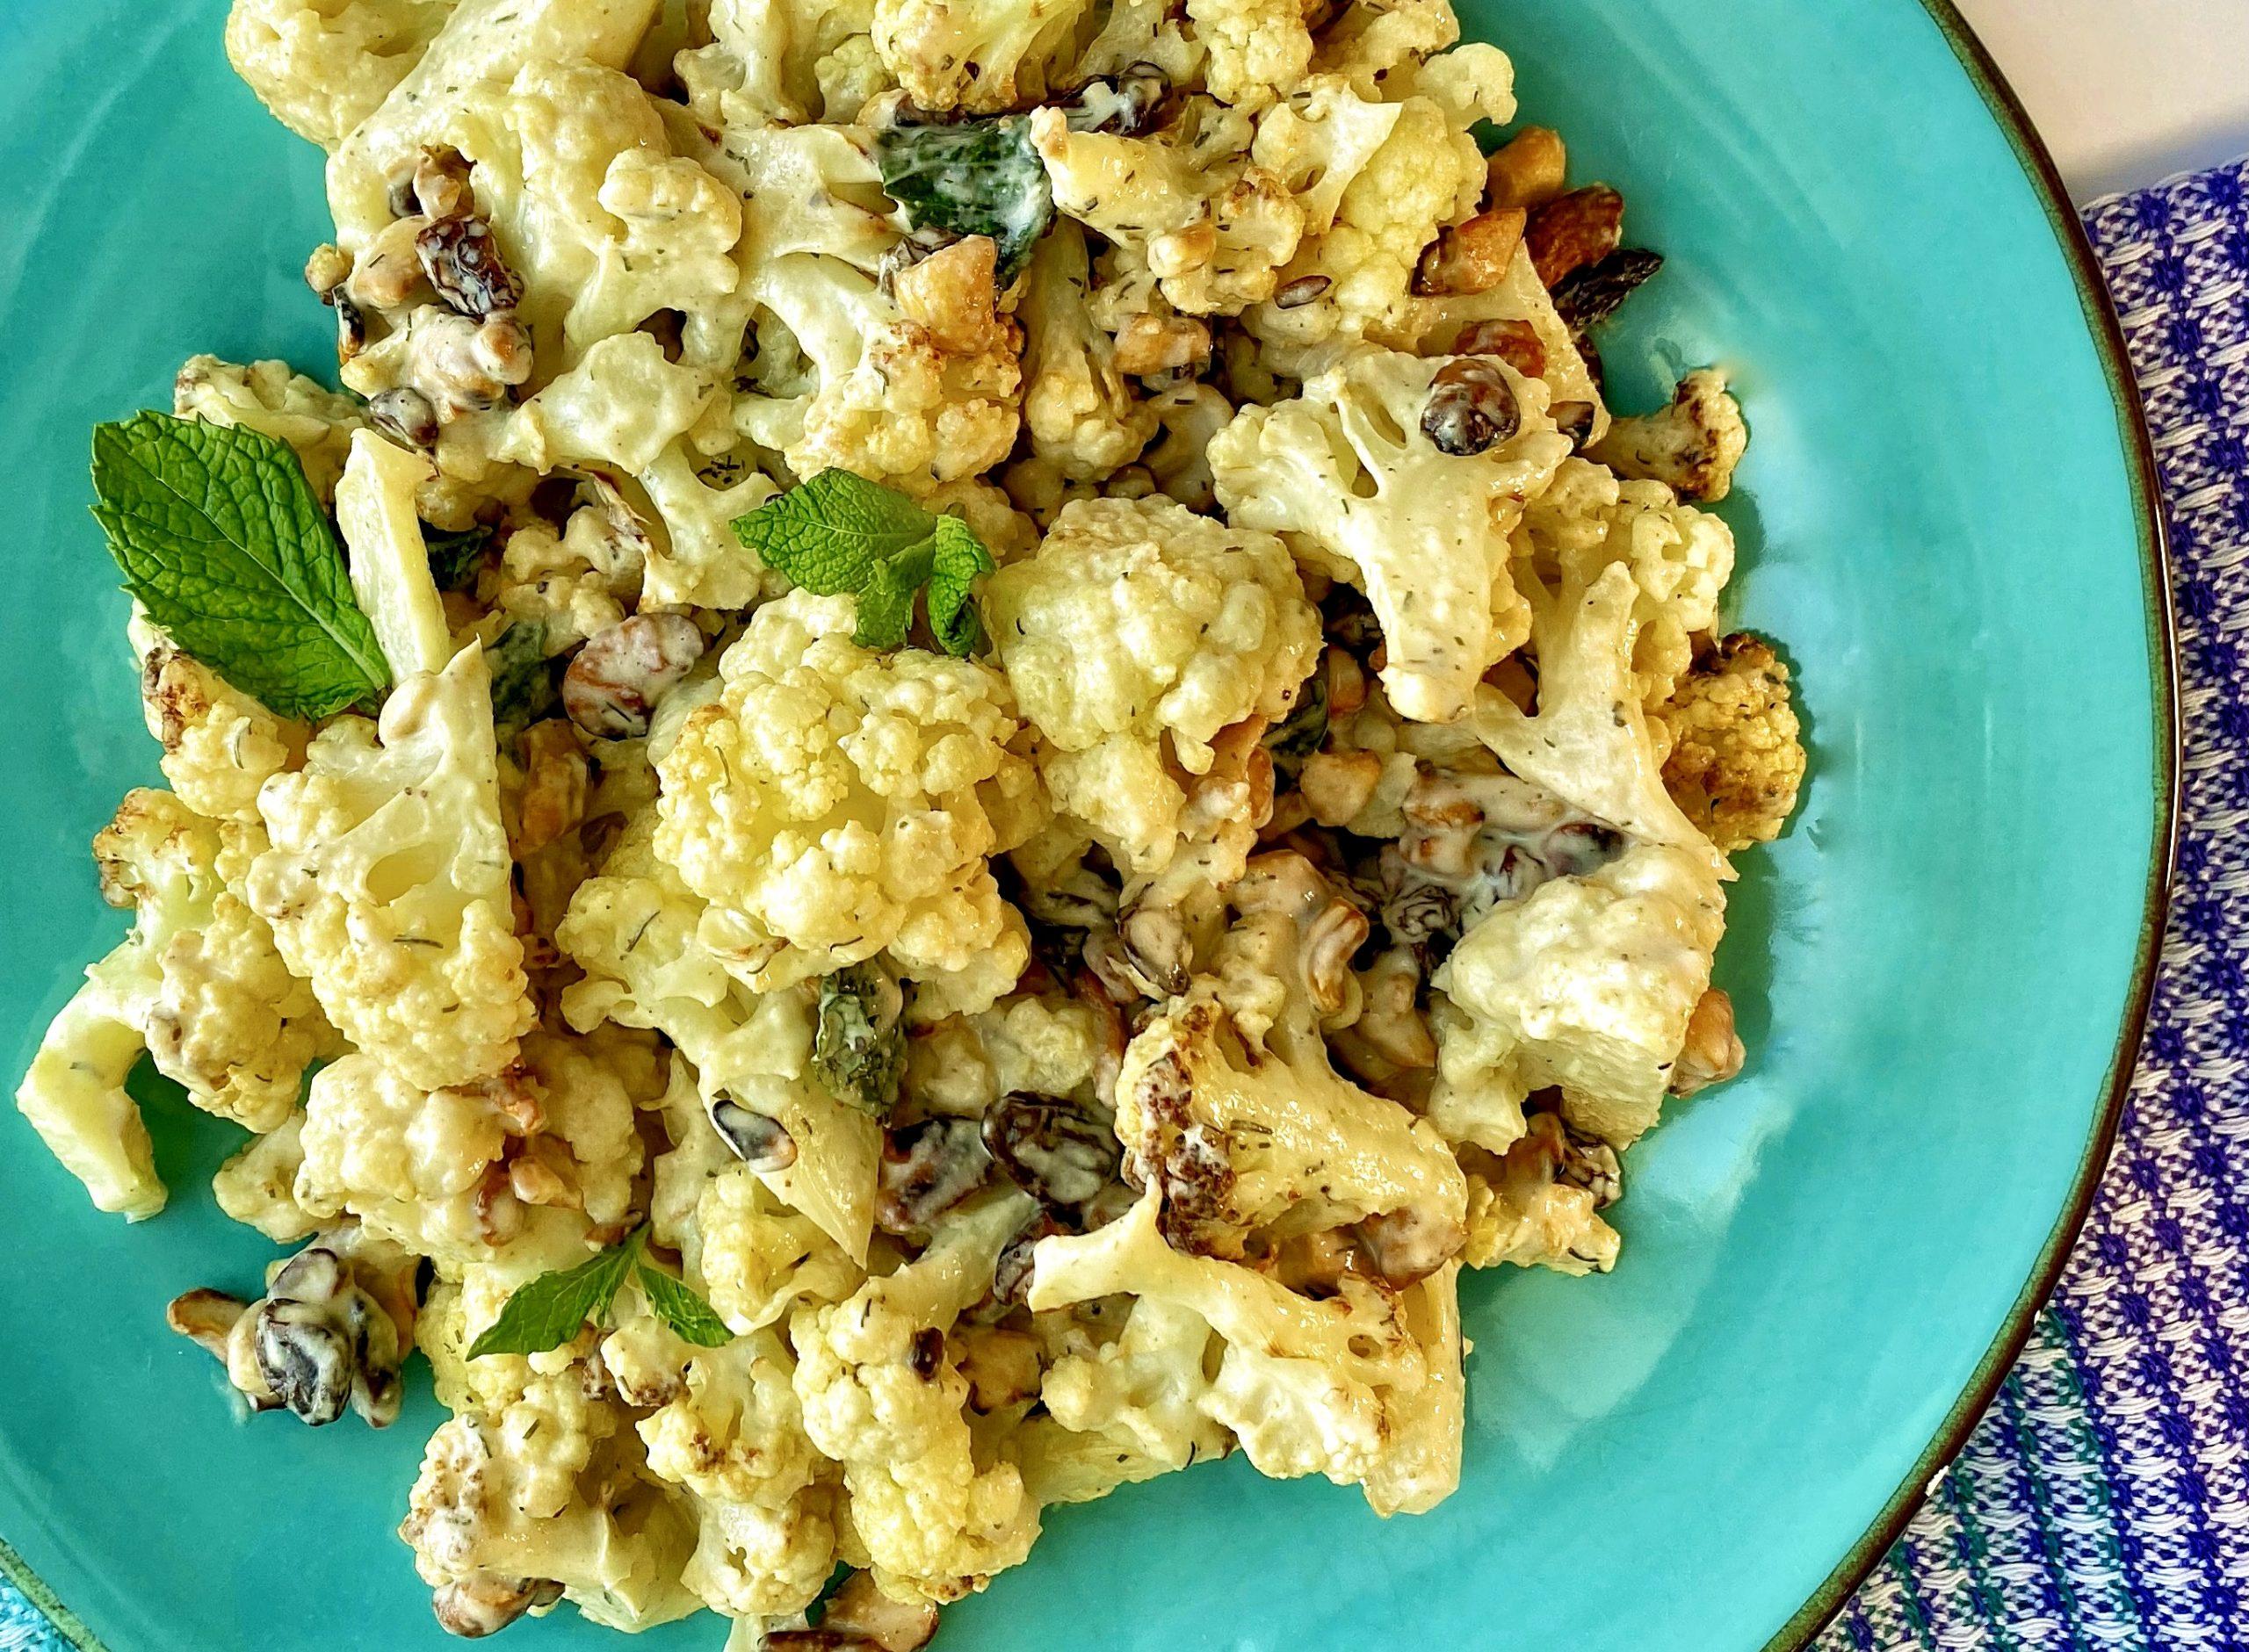 Roasted Tahini Cauliflower served on blue plate